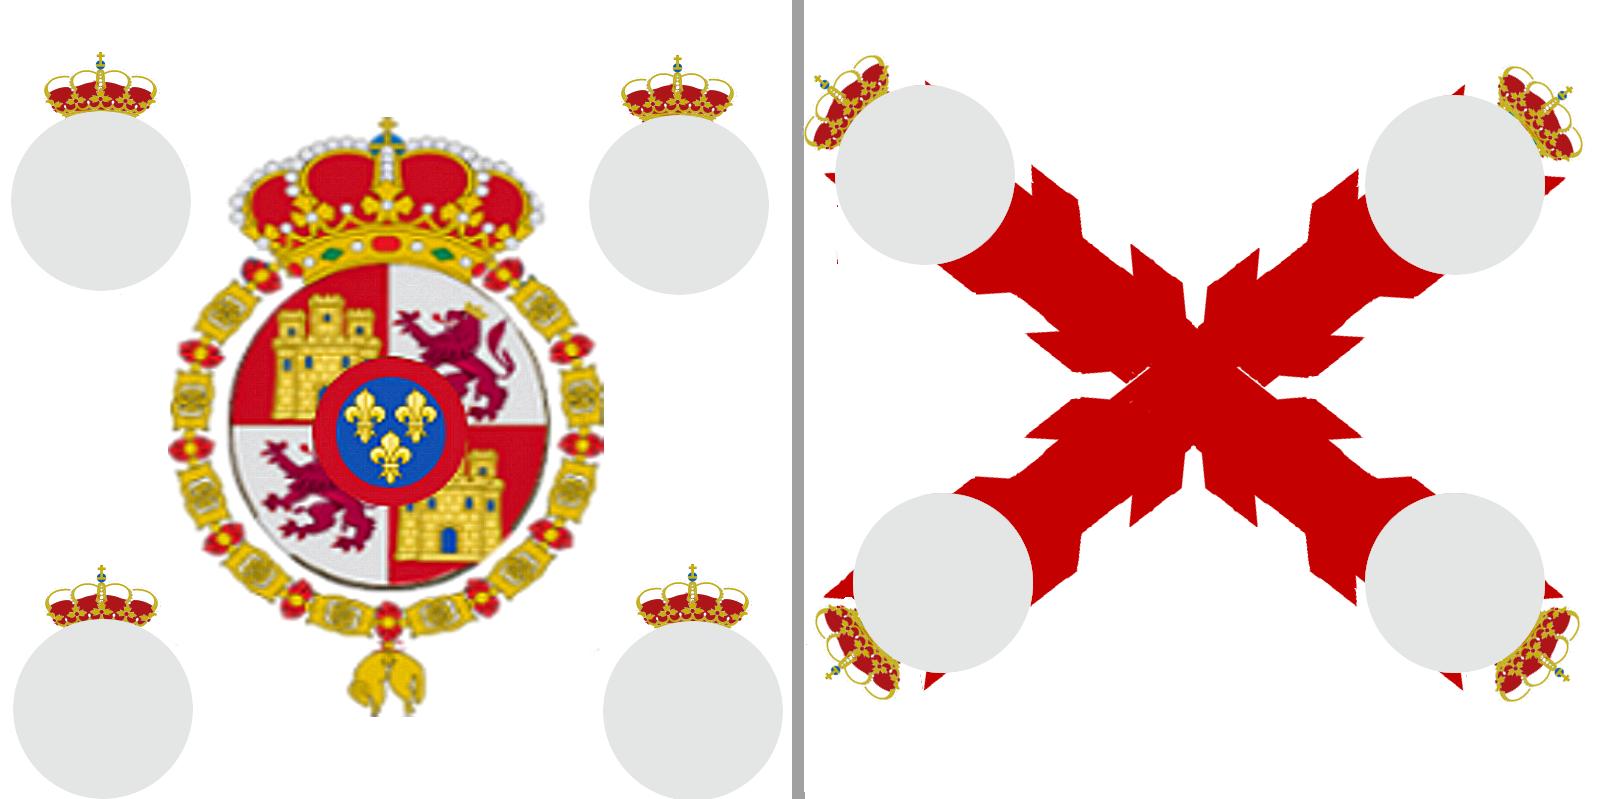 Ejército Realista en Nueva España - Wikipedia, la enciclopedia libre